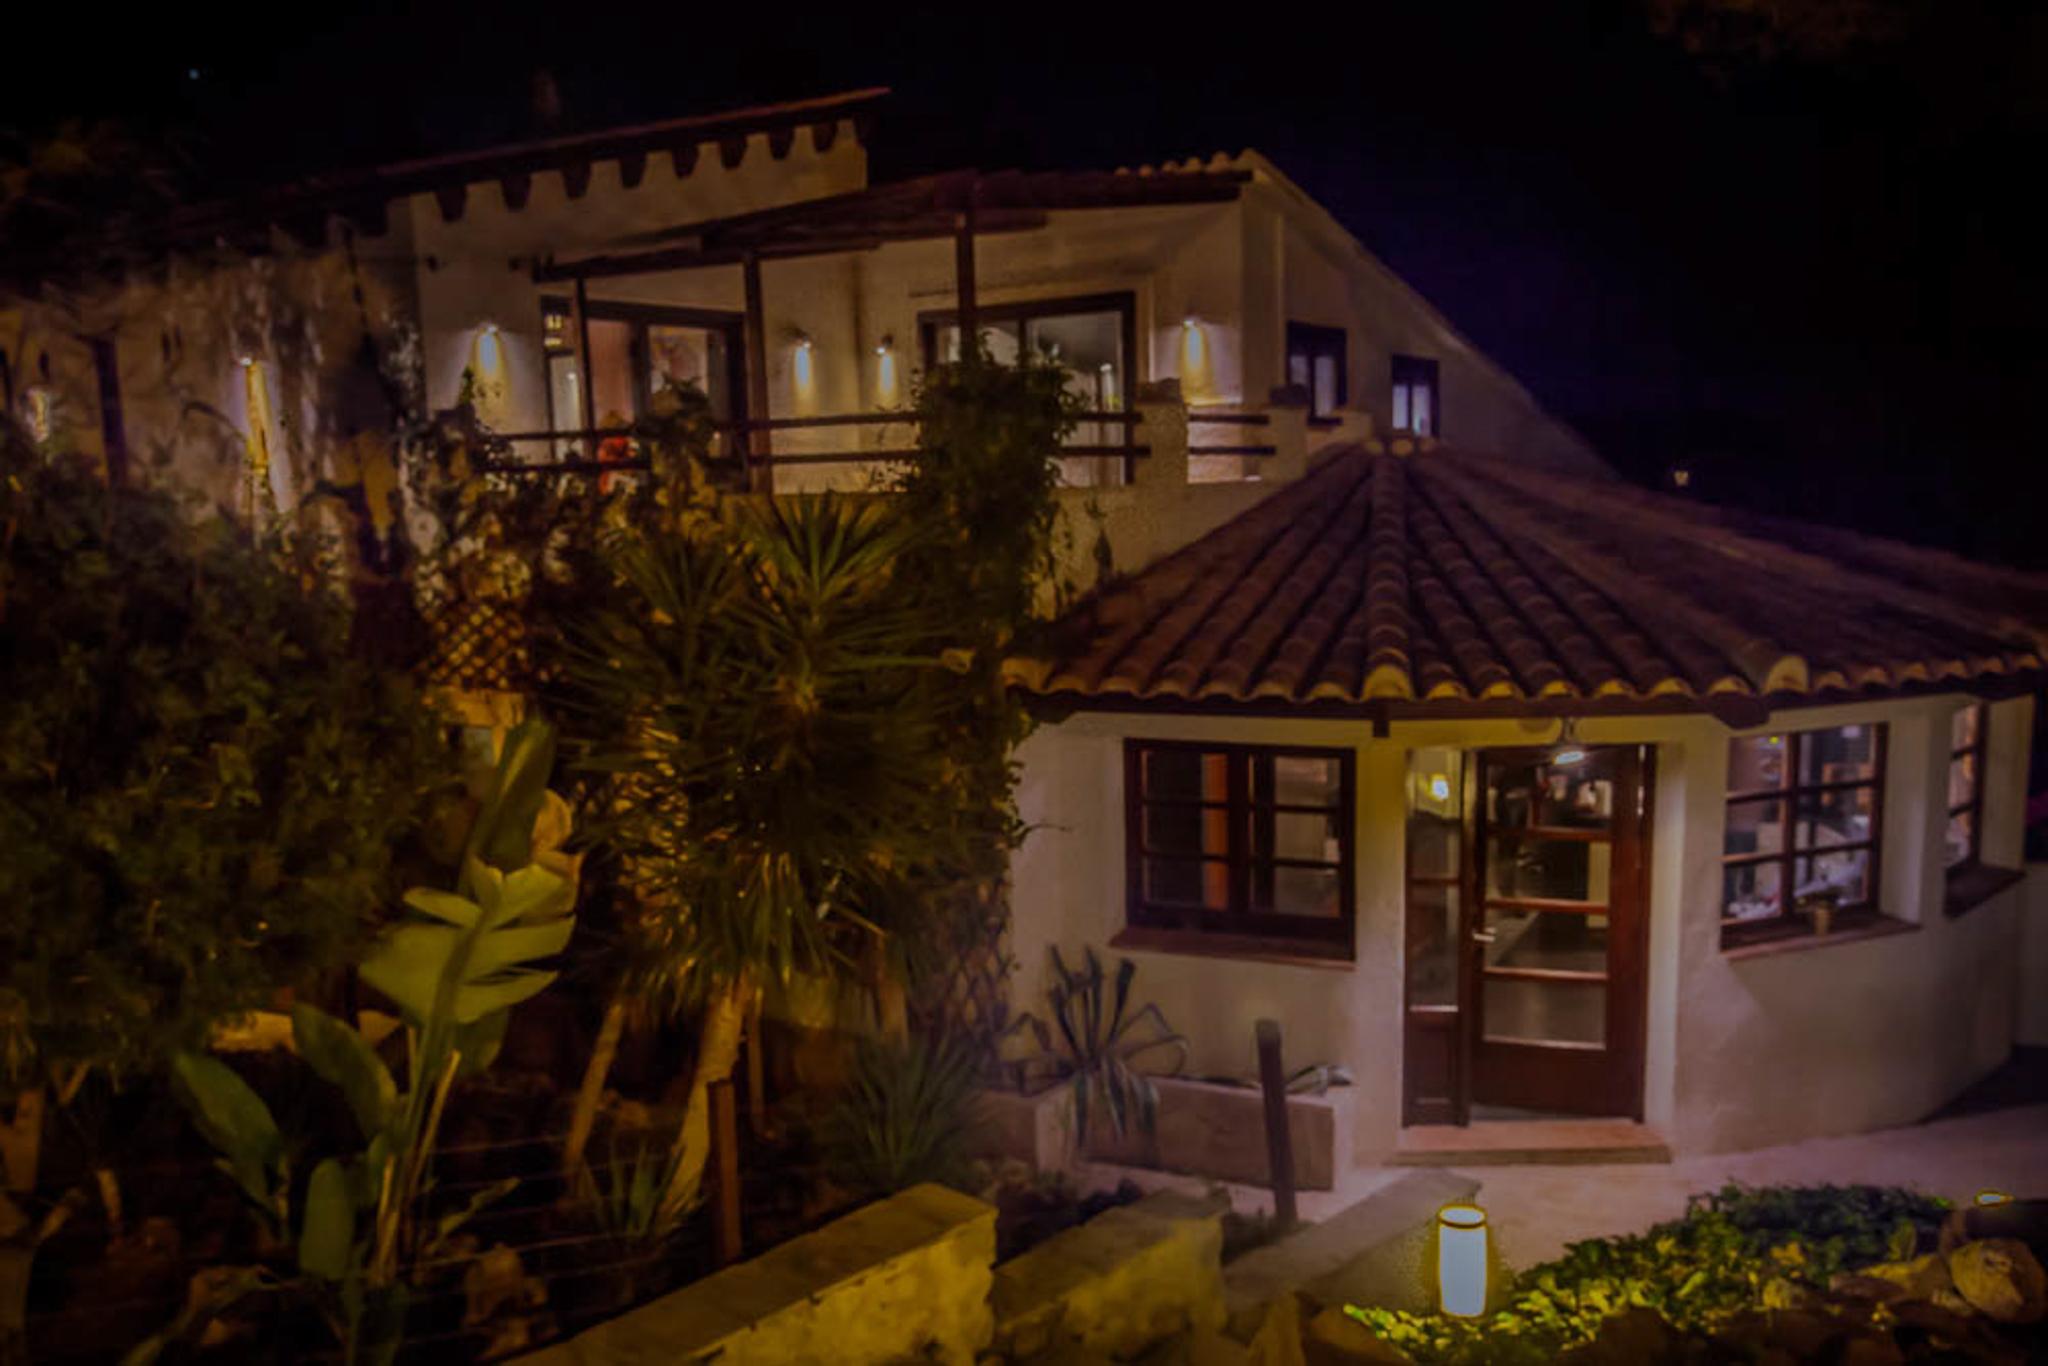 Ferienhaus Villa Palmera, Paradies in der Nhe von Barcelona, luxurise Villa fr 22 Personen (2379177), Olivella, Costa del Garraf, Katalonien, Spanien, Bild 15